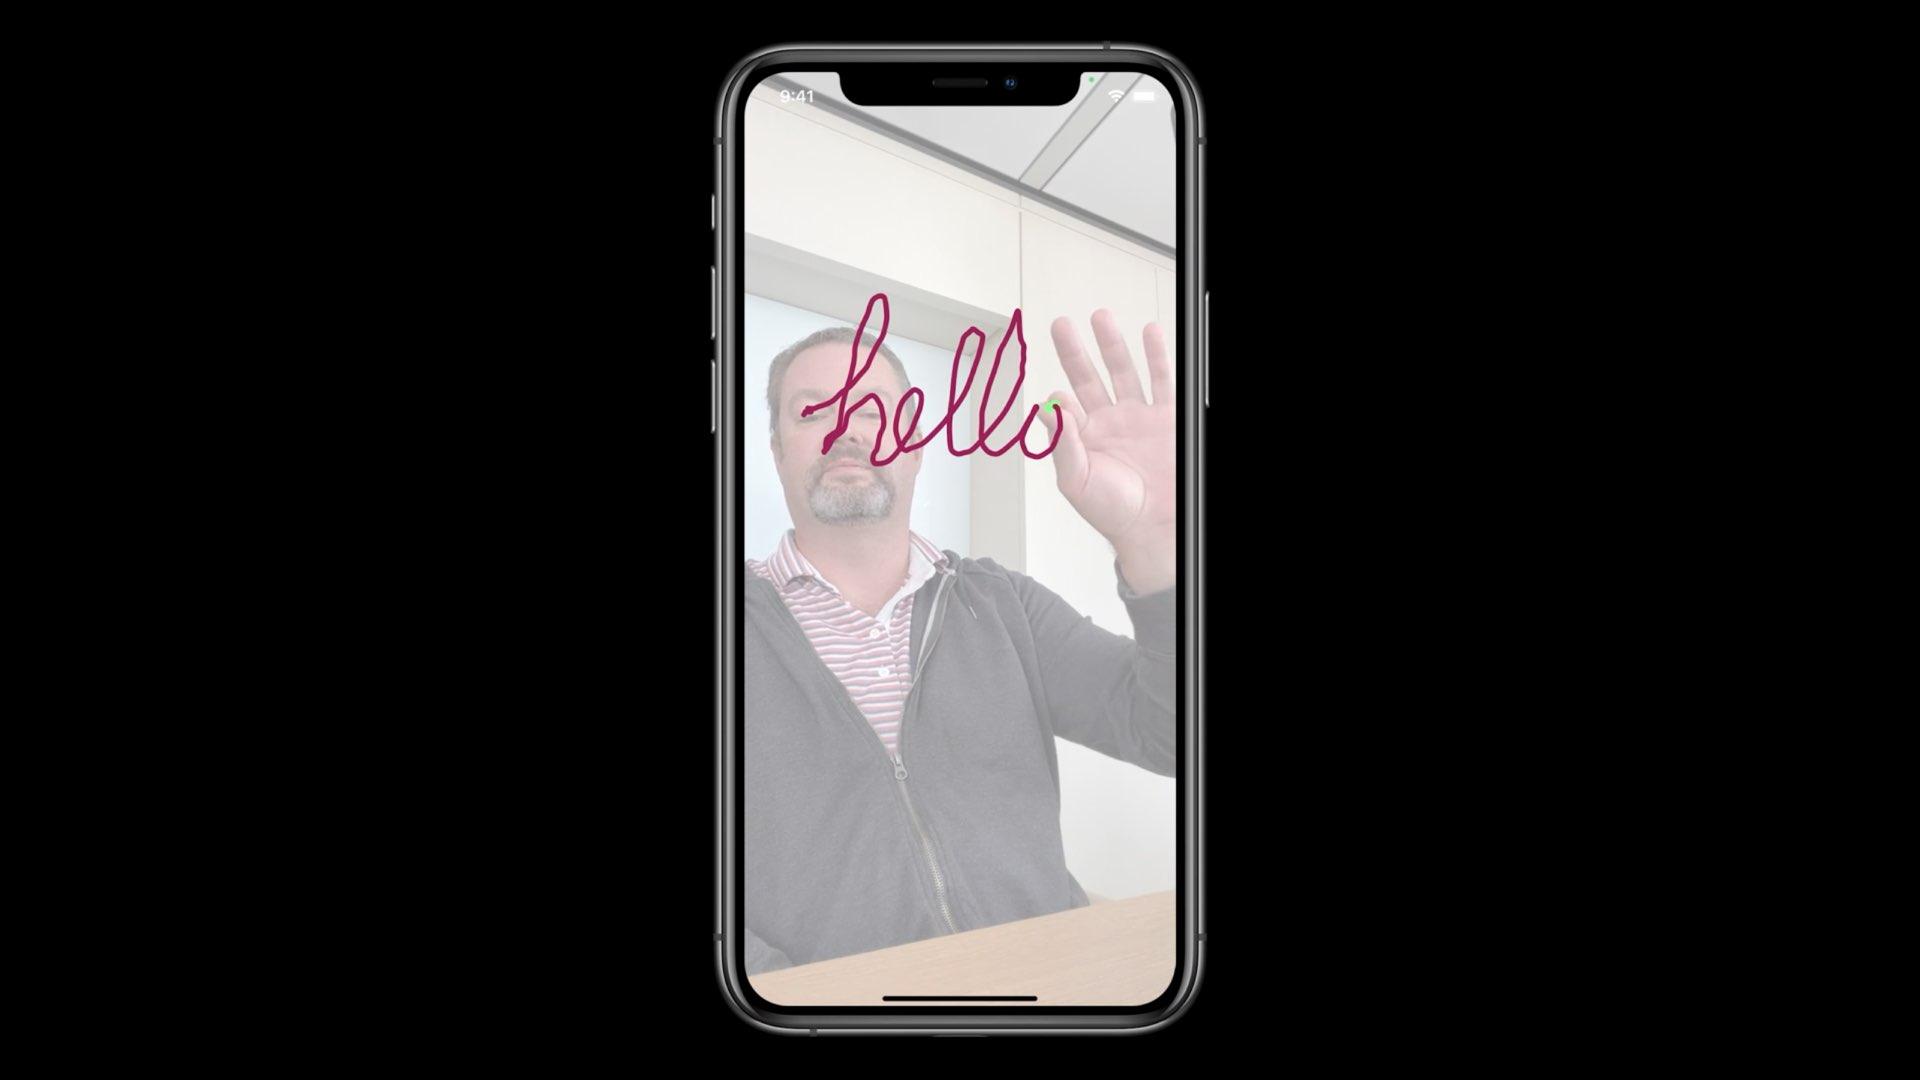 Apple  permite que os desenvolvedores detectem o corpo humano e as mãos para interação sem a tela de um aplicativo 1